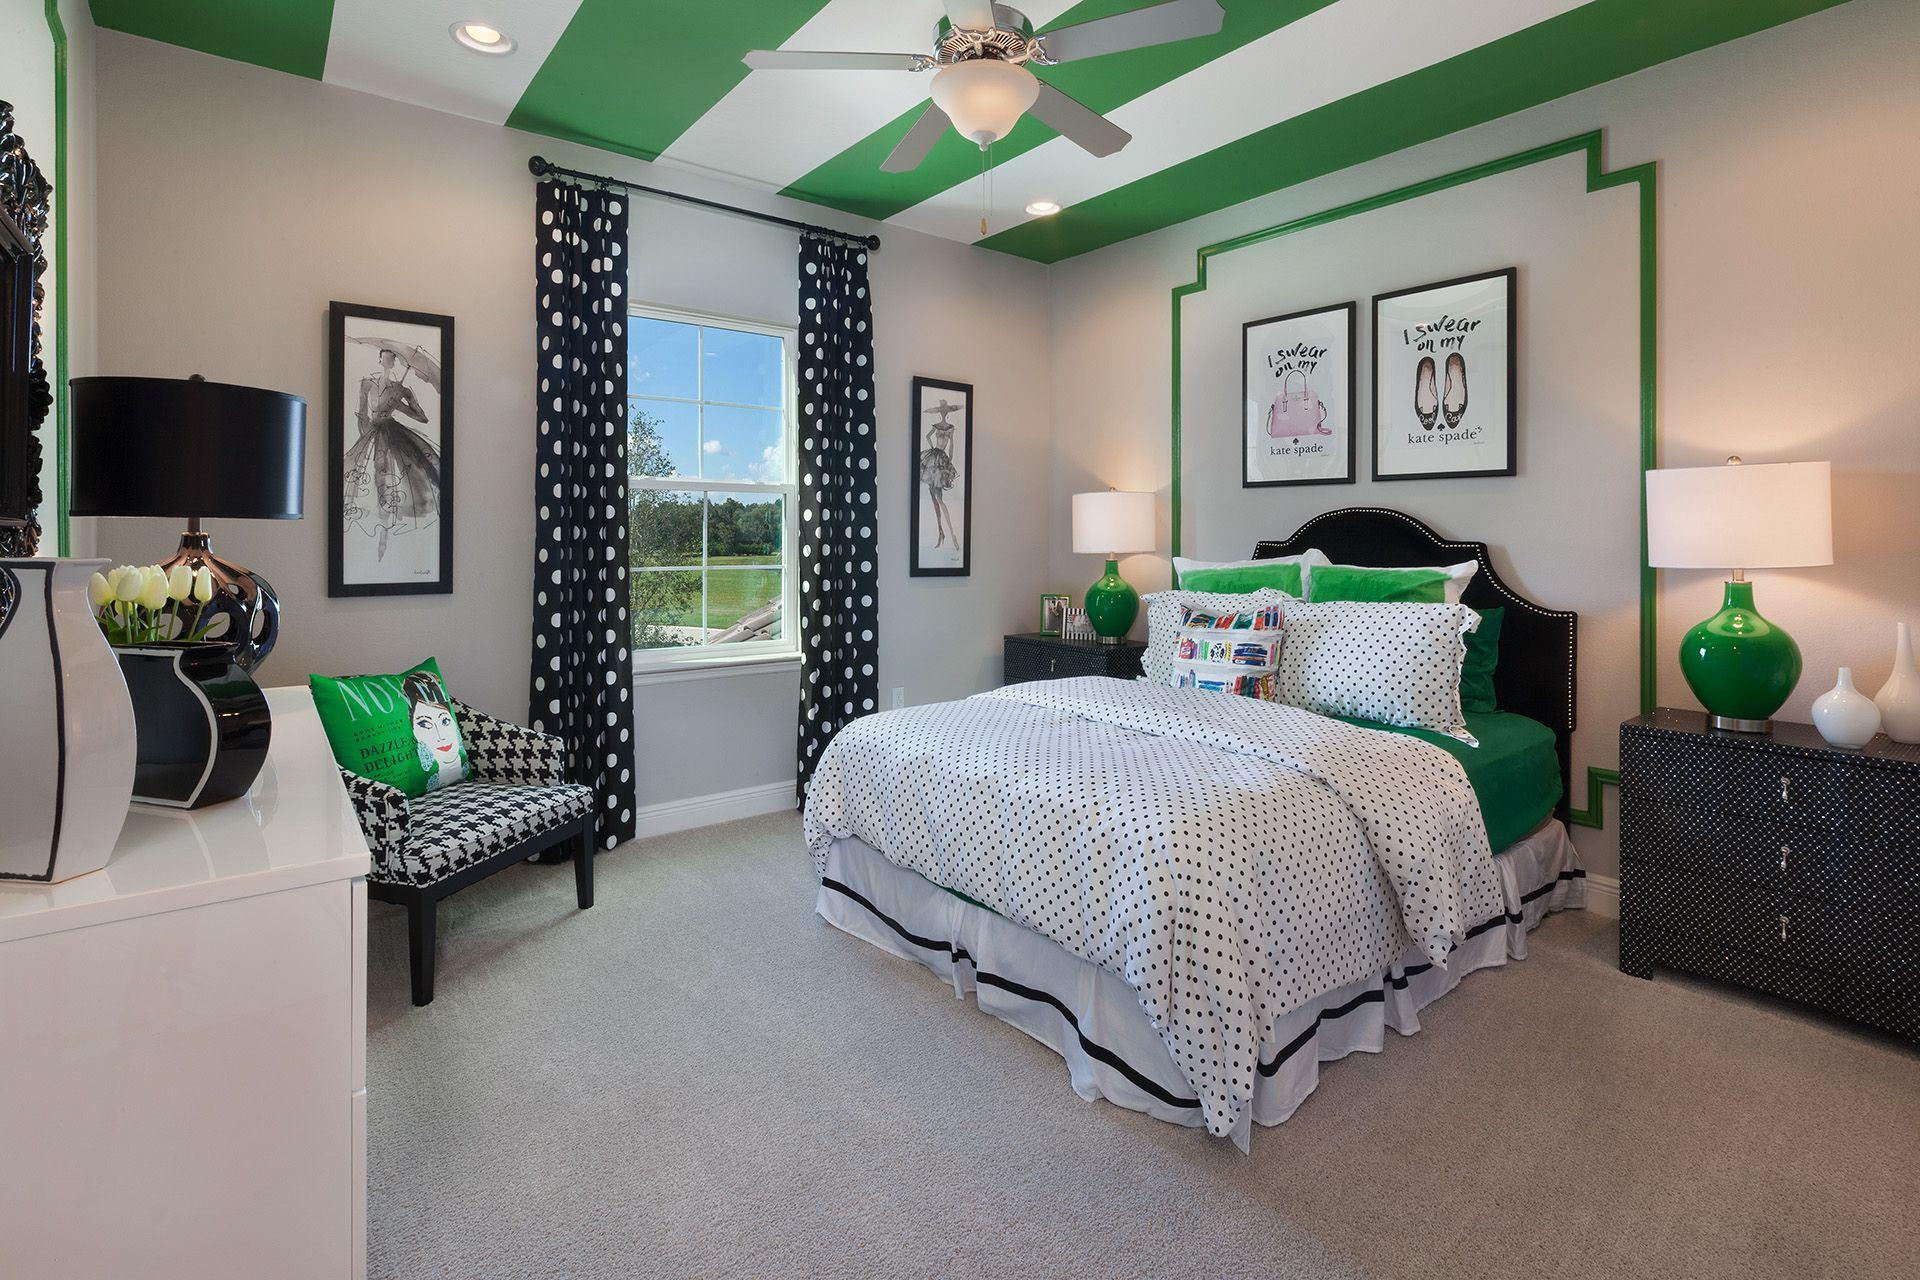 46+ Floor and decor orlando ideas